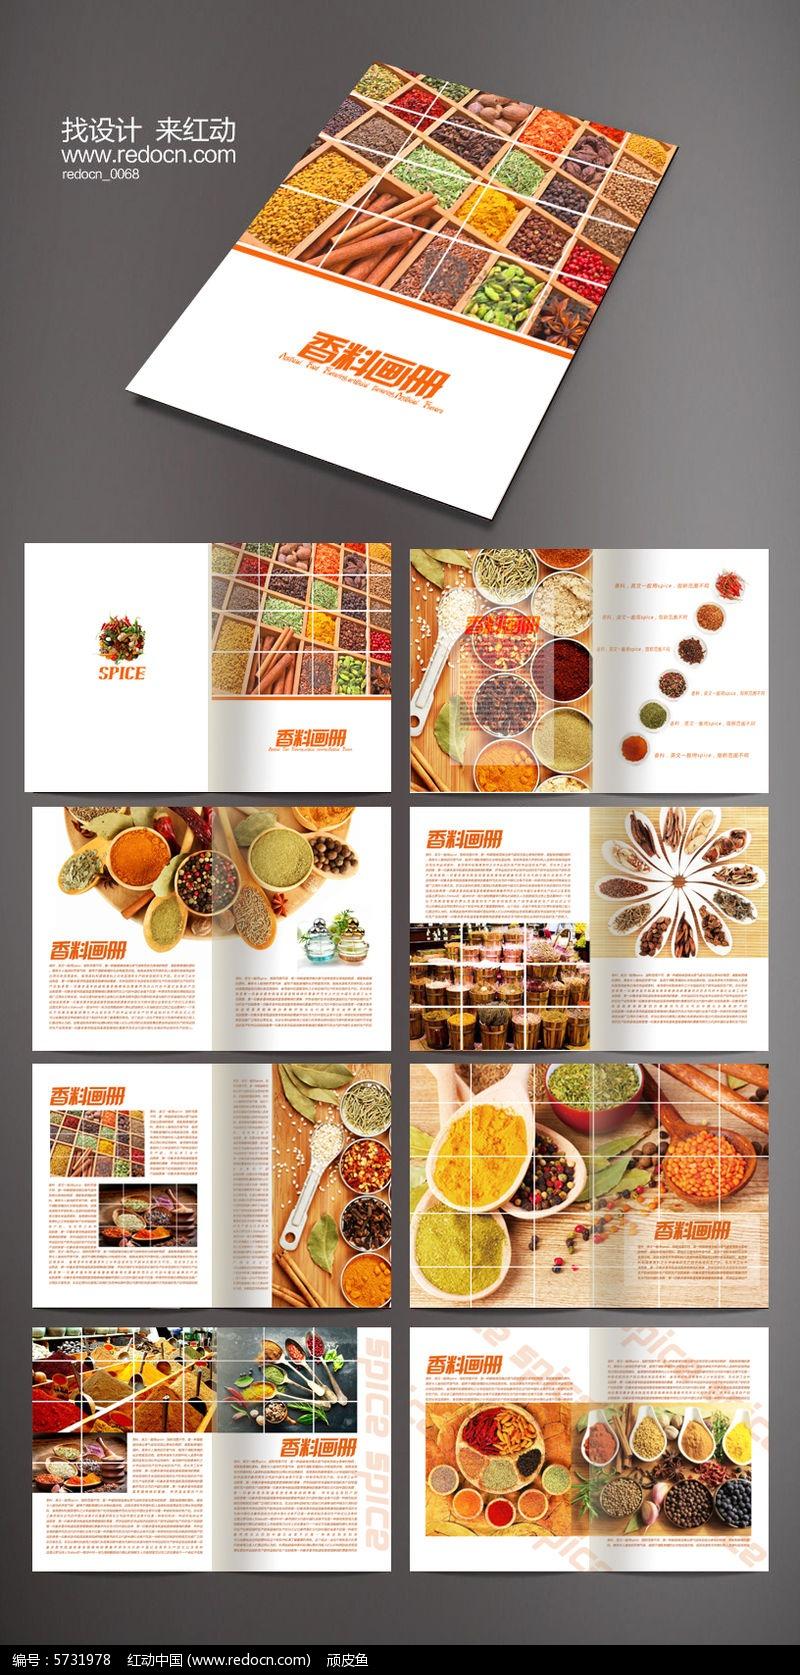 原创设计稿 画册设计/书籍/菜谱 企业画册 宣传画册 调料版式设计画册图片